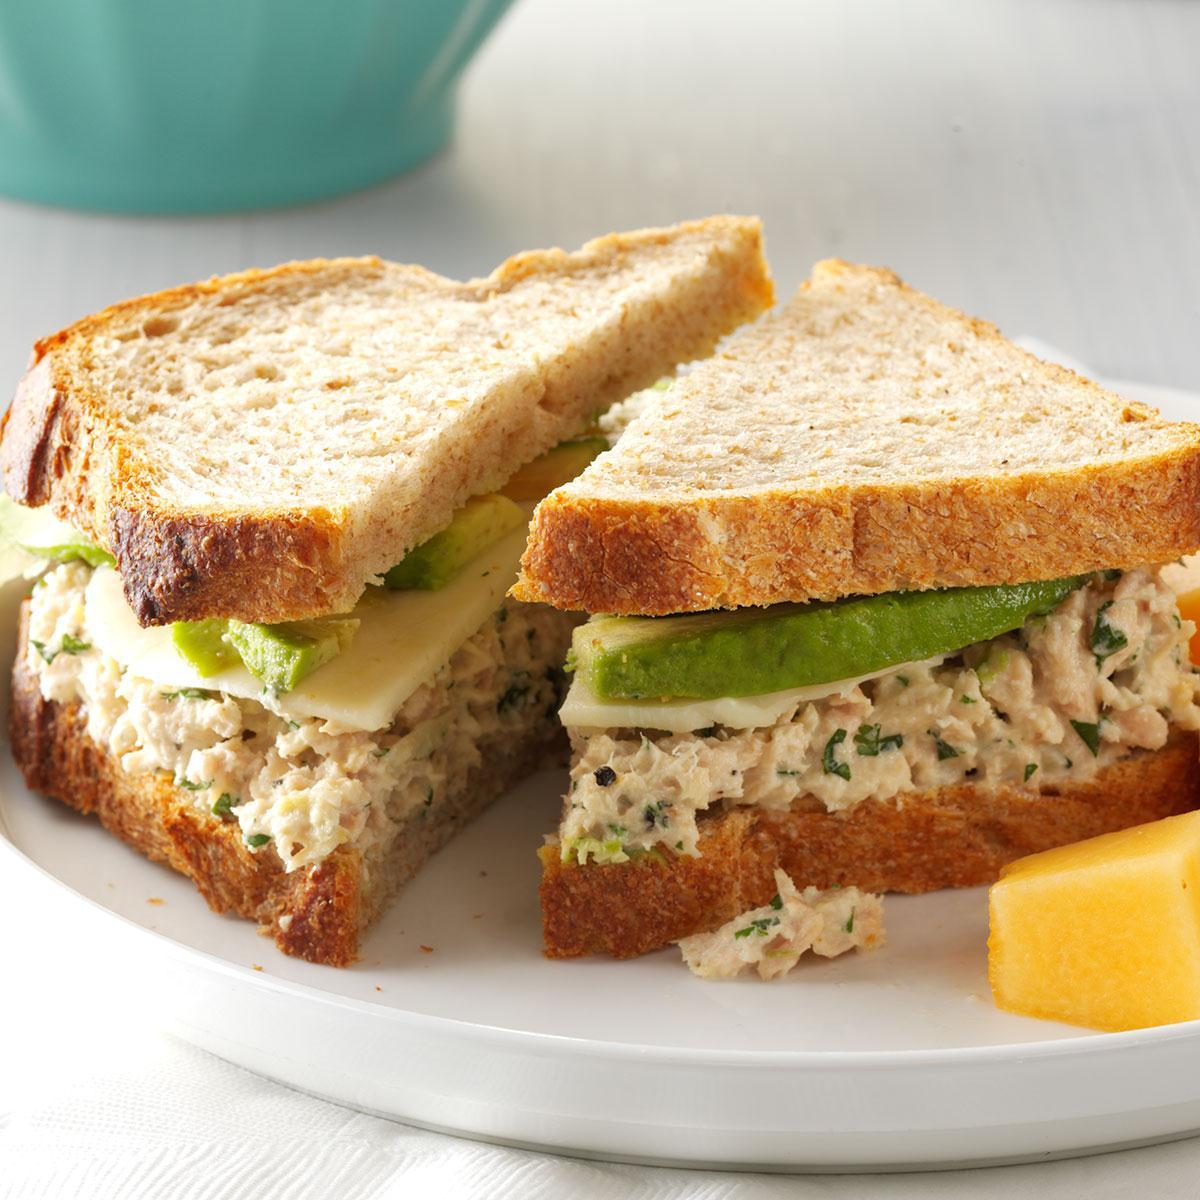 Cilantro Avocado Tuna Salad Sandwiches